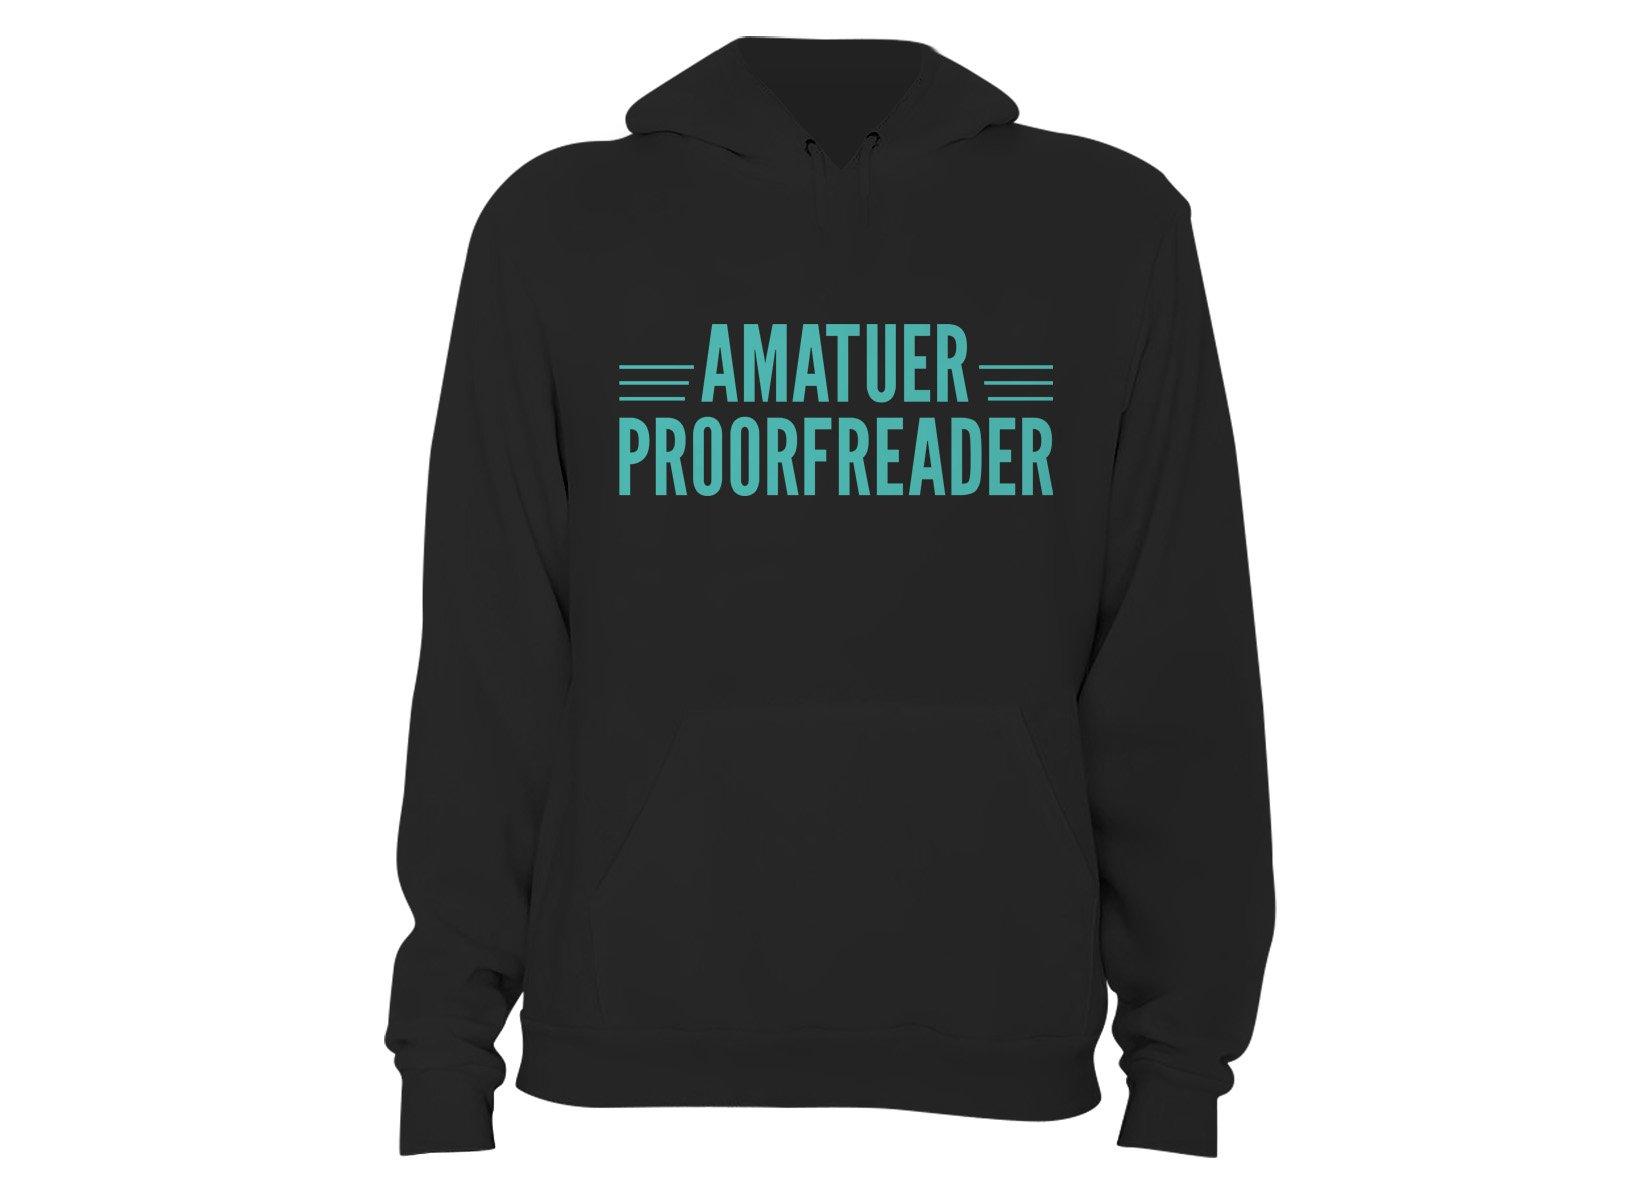 Amatuer Proorfeader on Hoodie